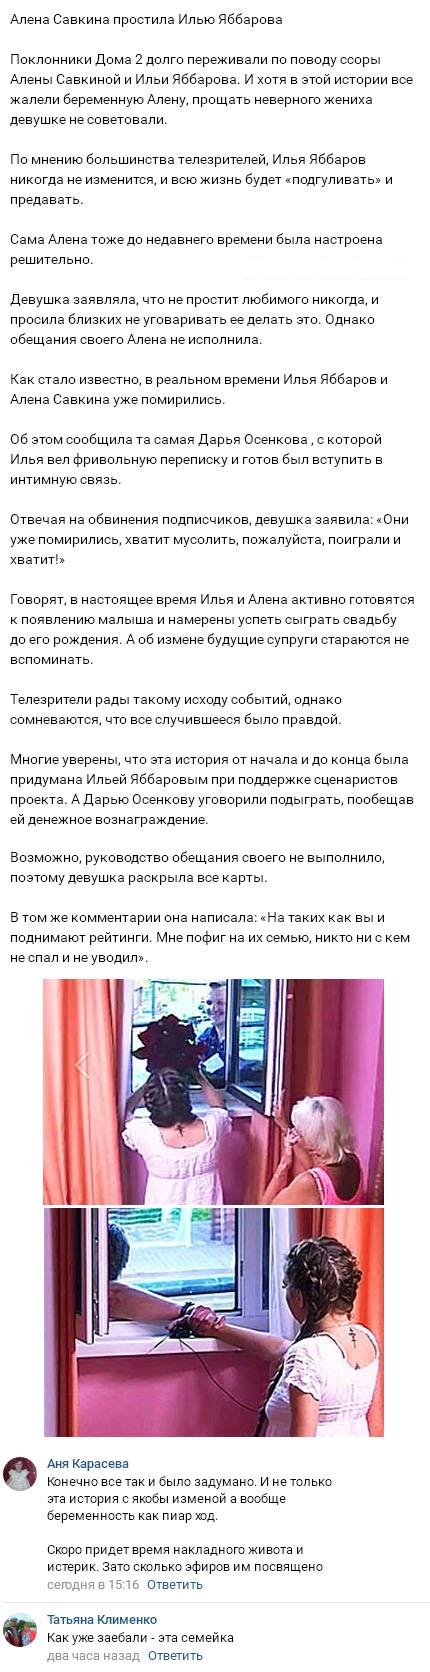 Сценарий Ильи Яббарова и Алёны Савкиной легко раскрыли